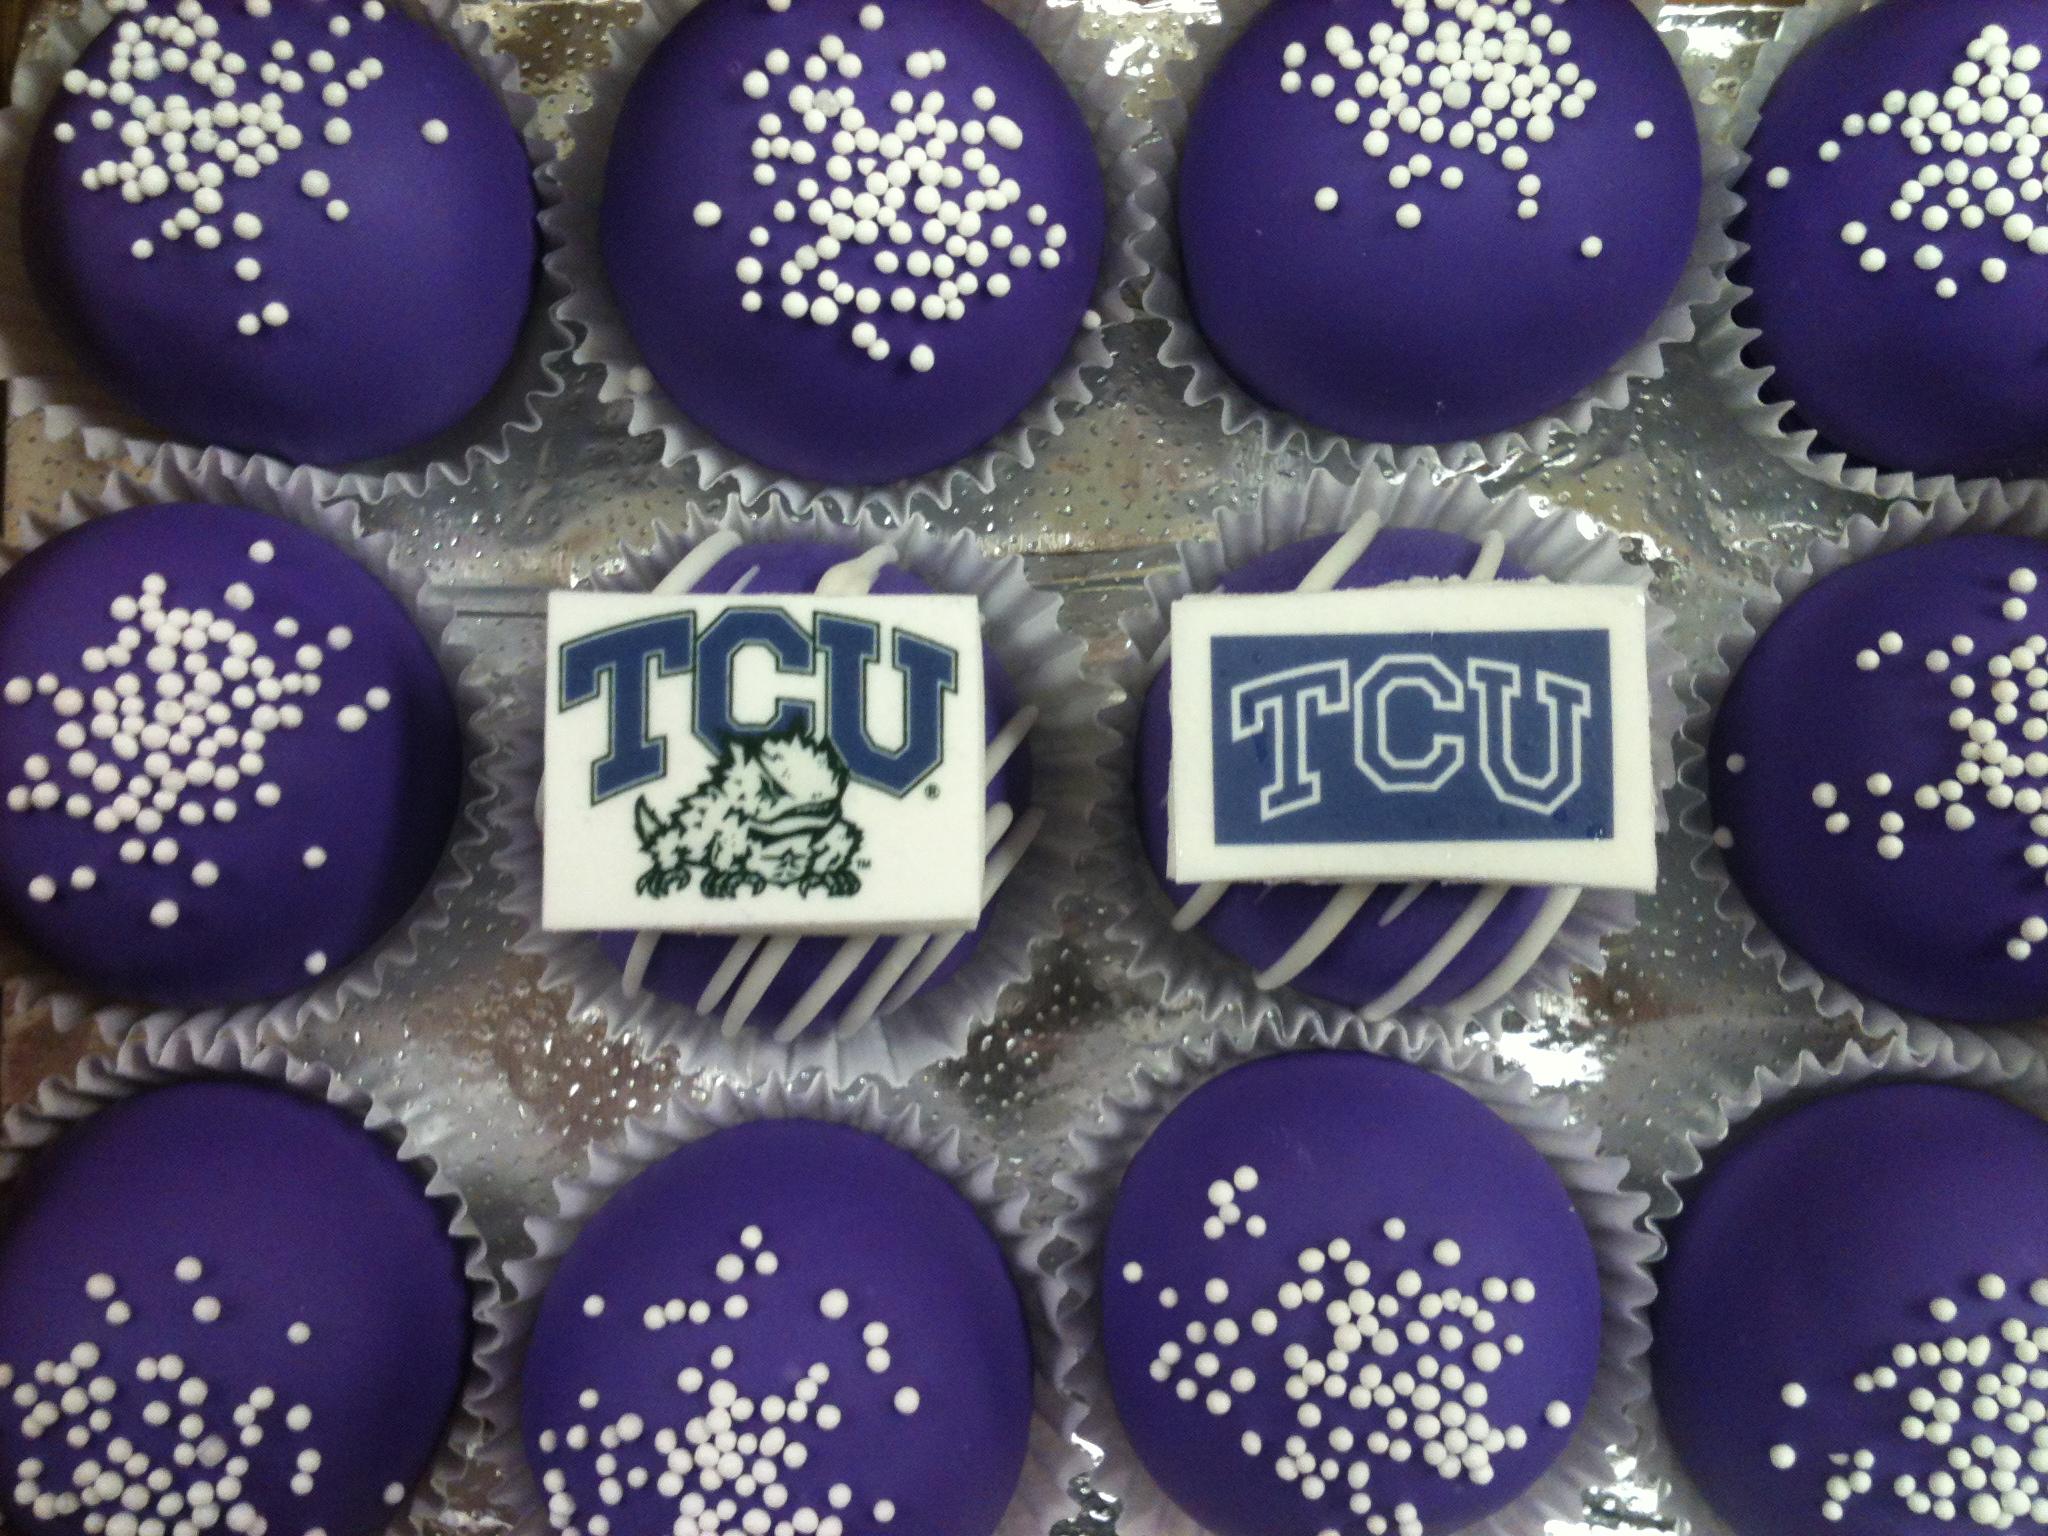 tcu-logo-cake-balls.jpg